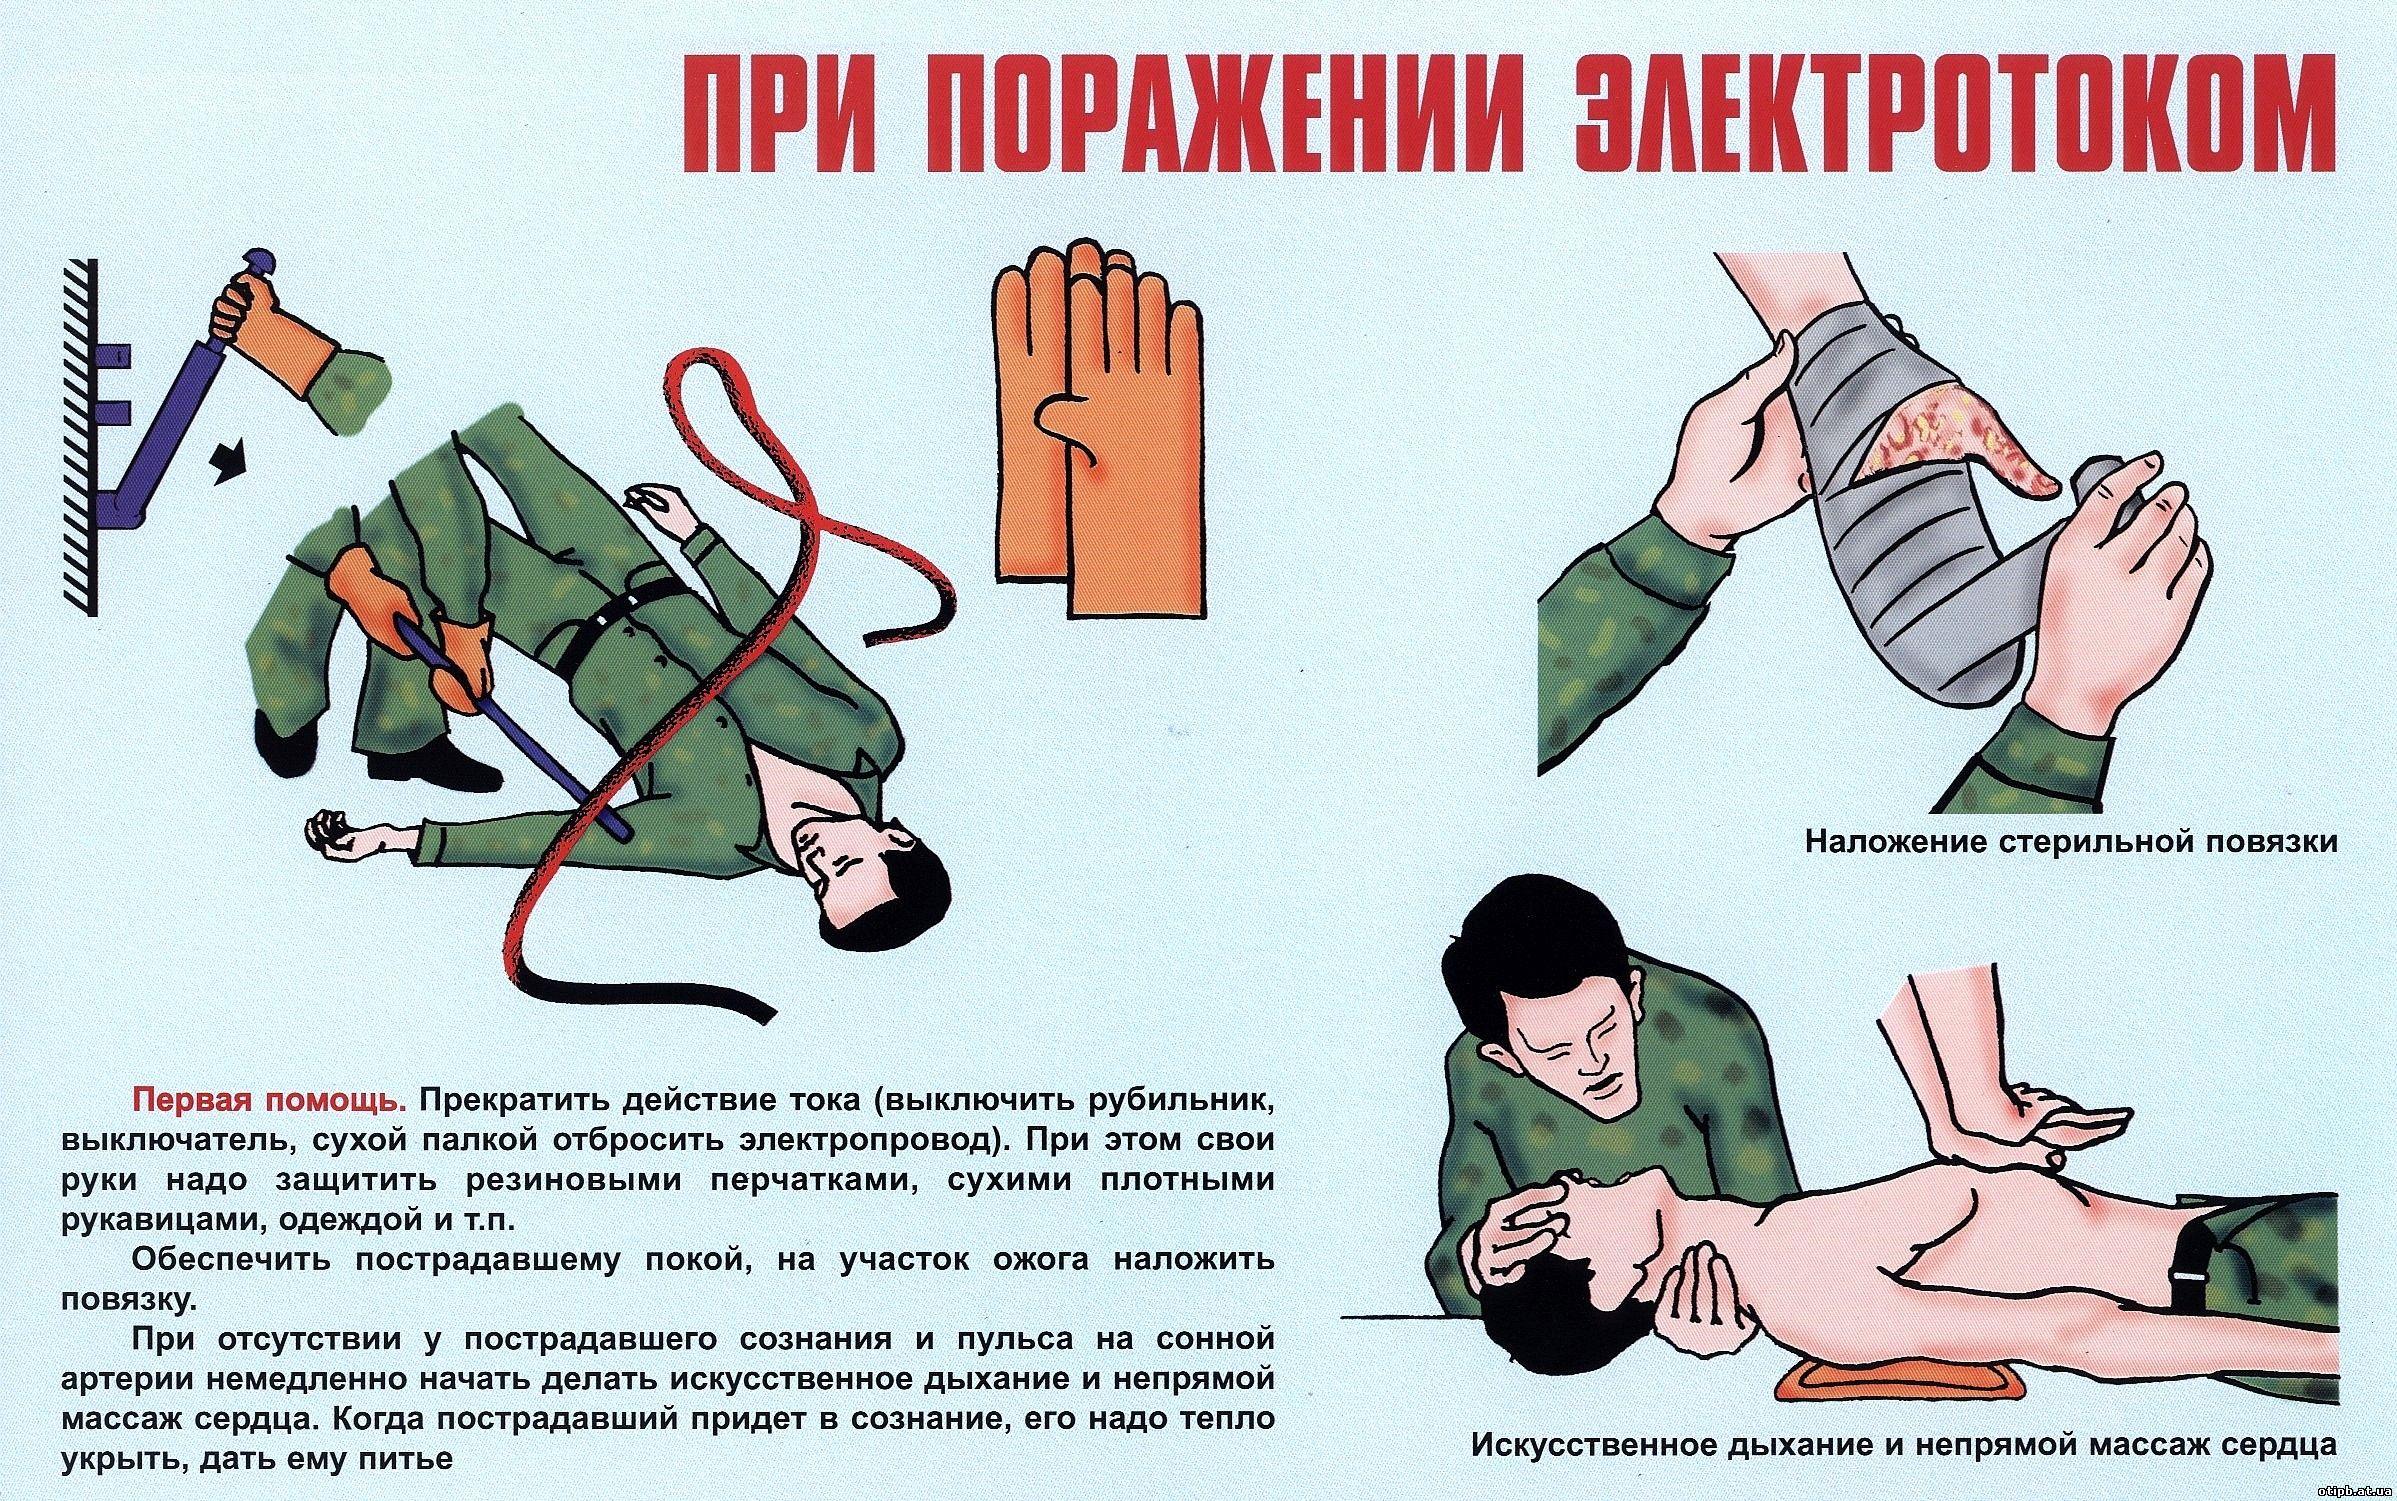 эро окозание первой помощи